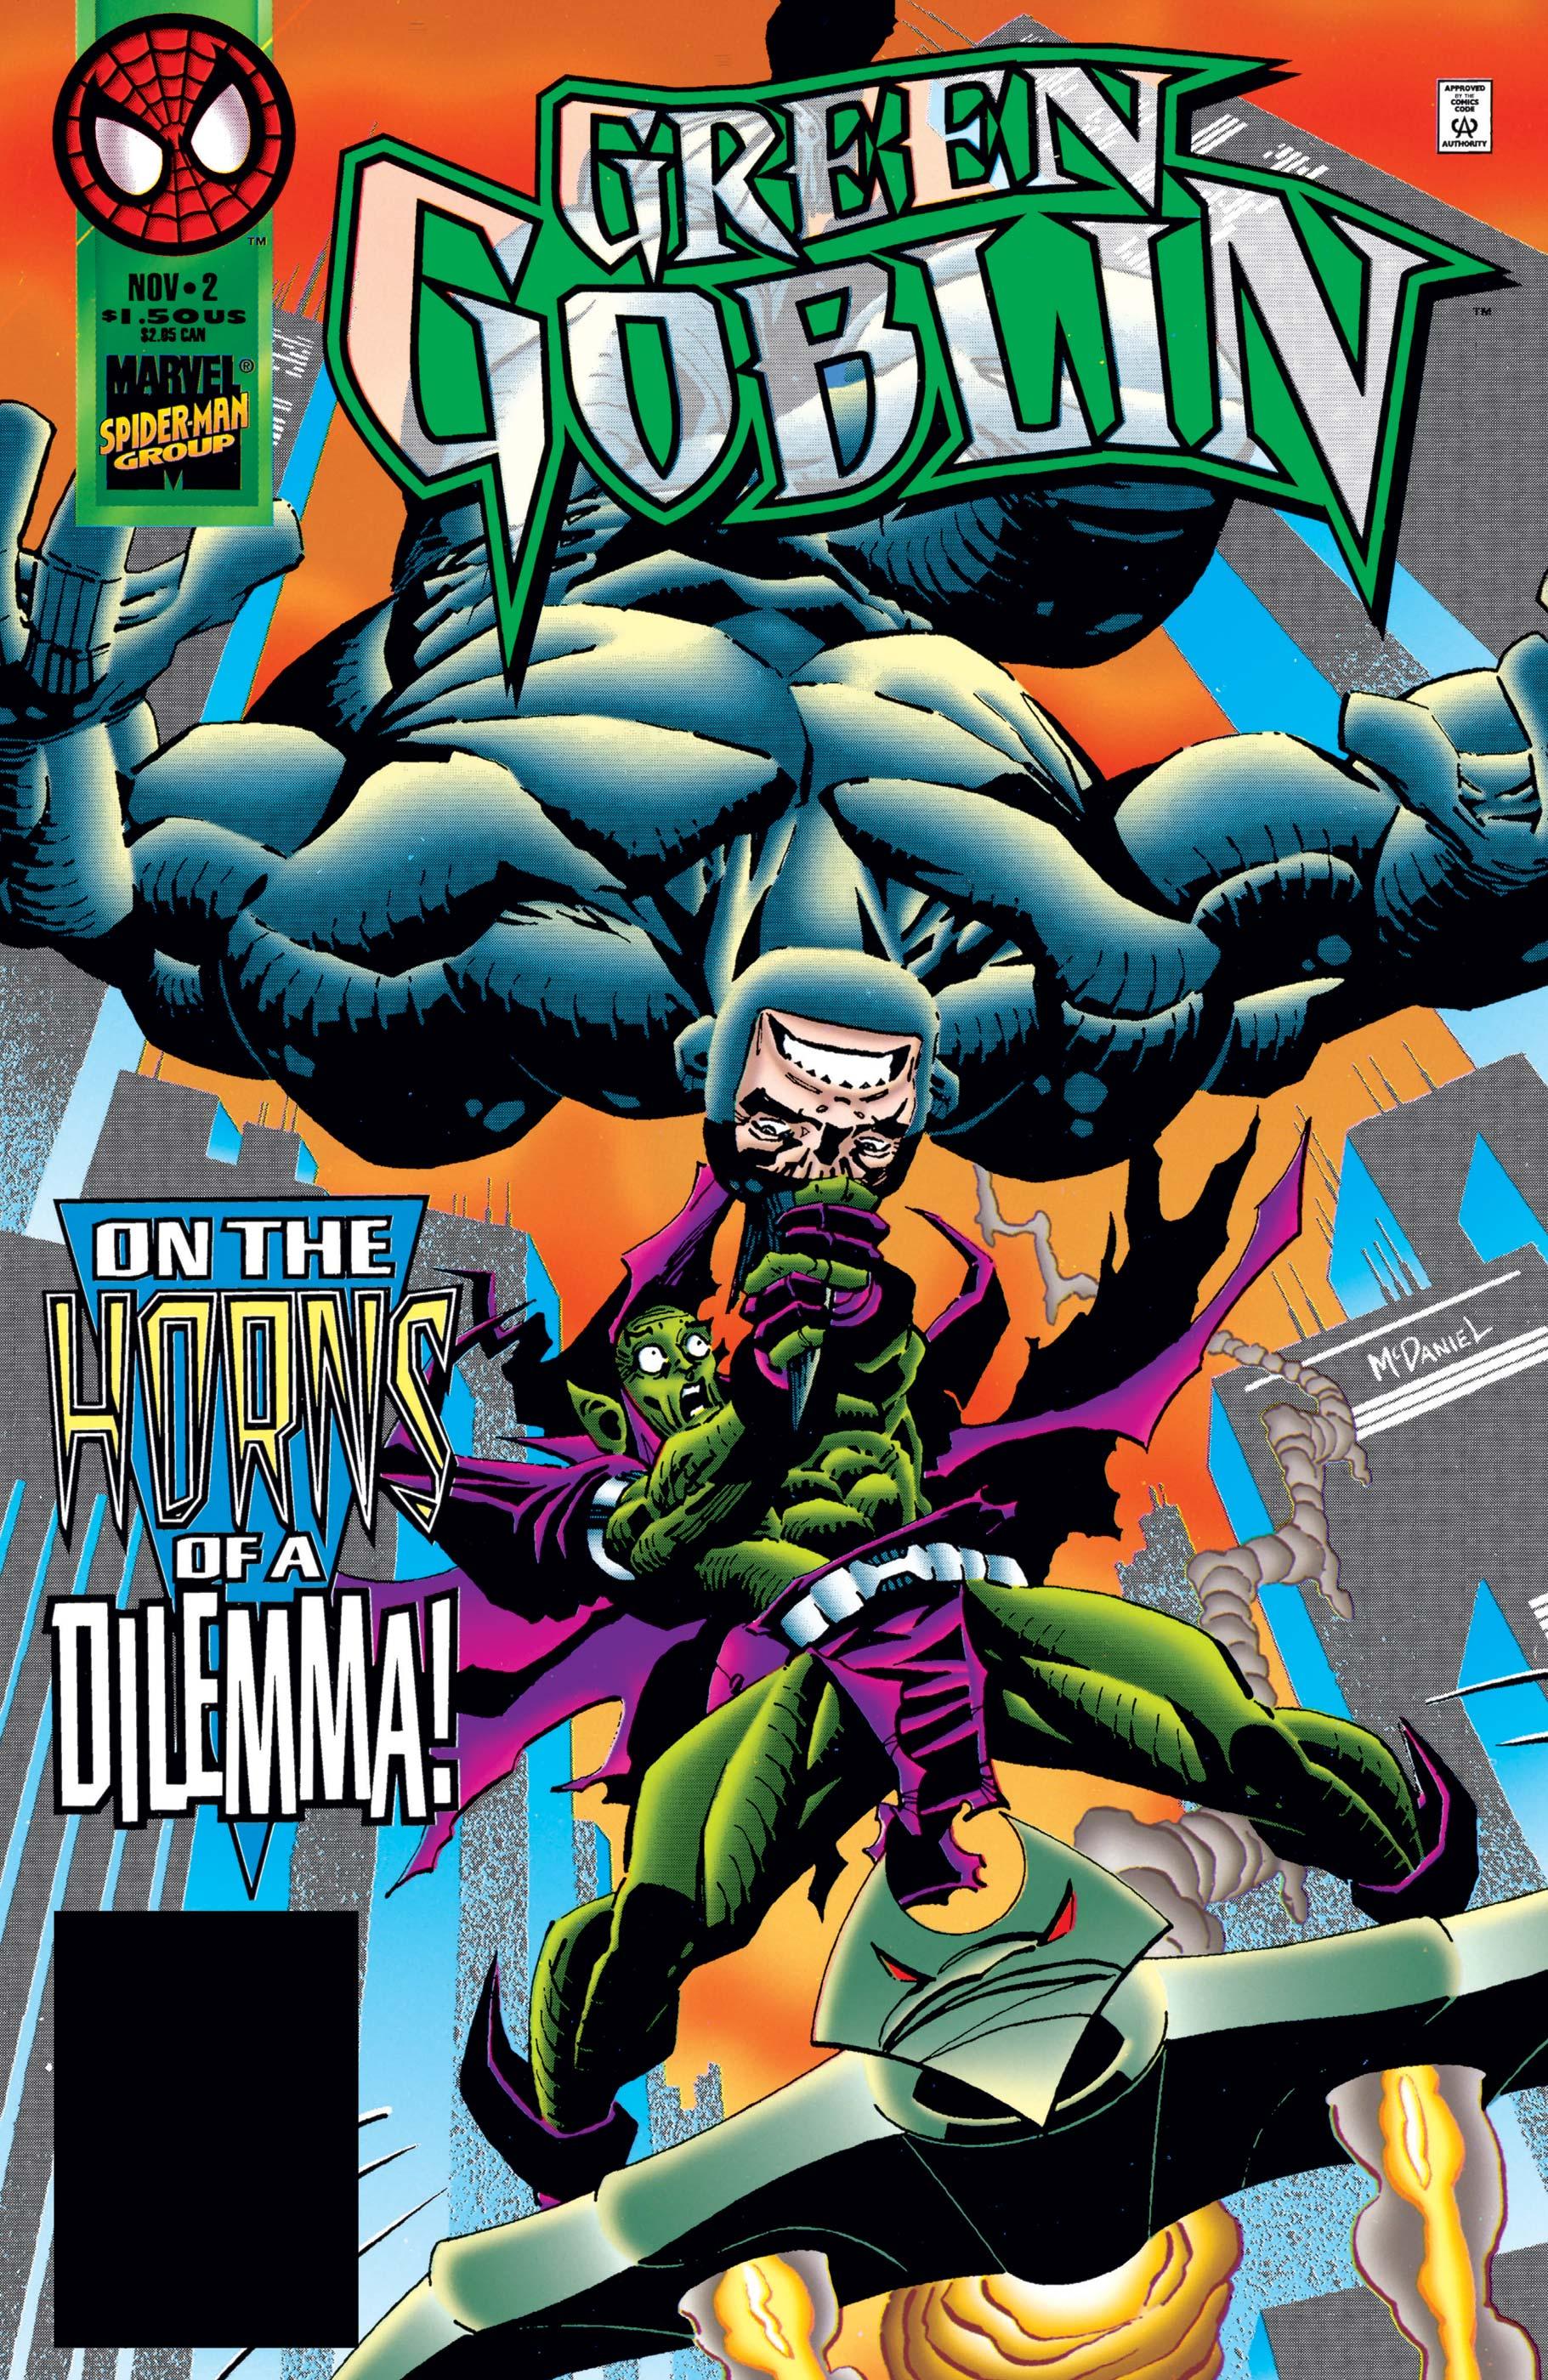 Green Goblin (1995) #2